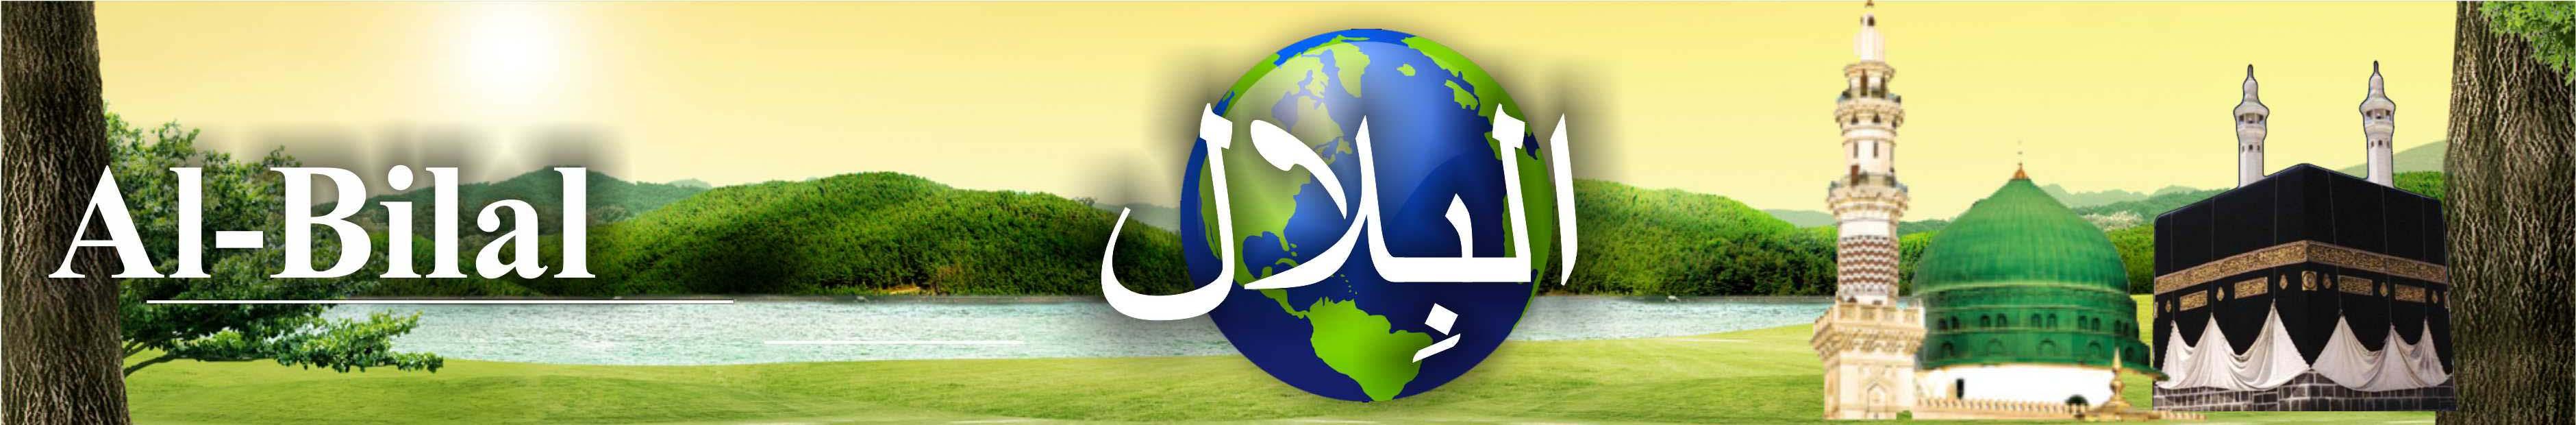 Al-Bilal